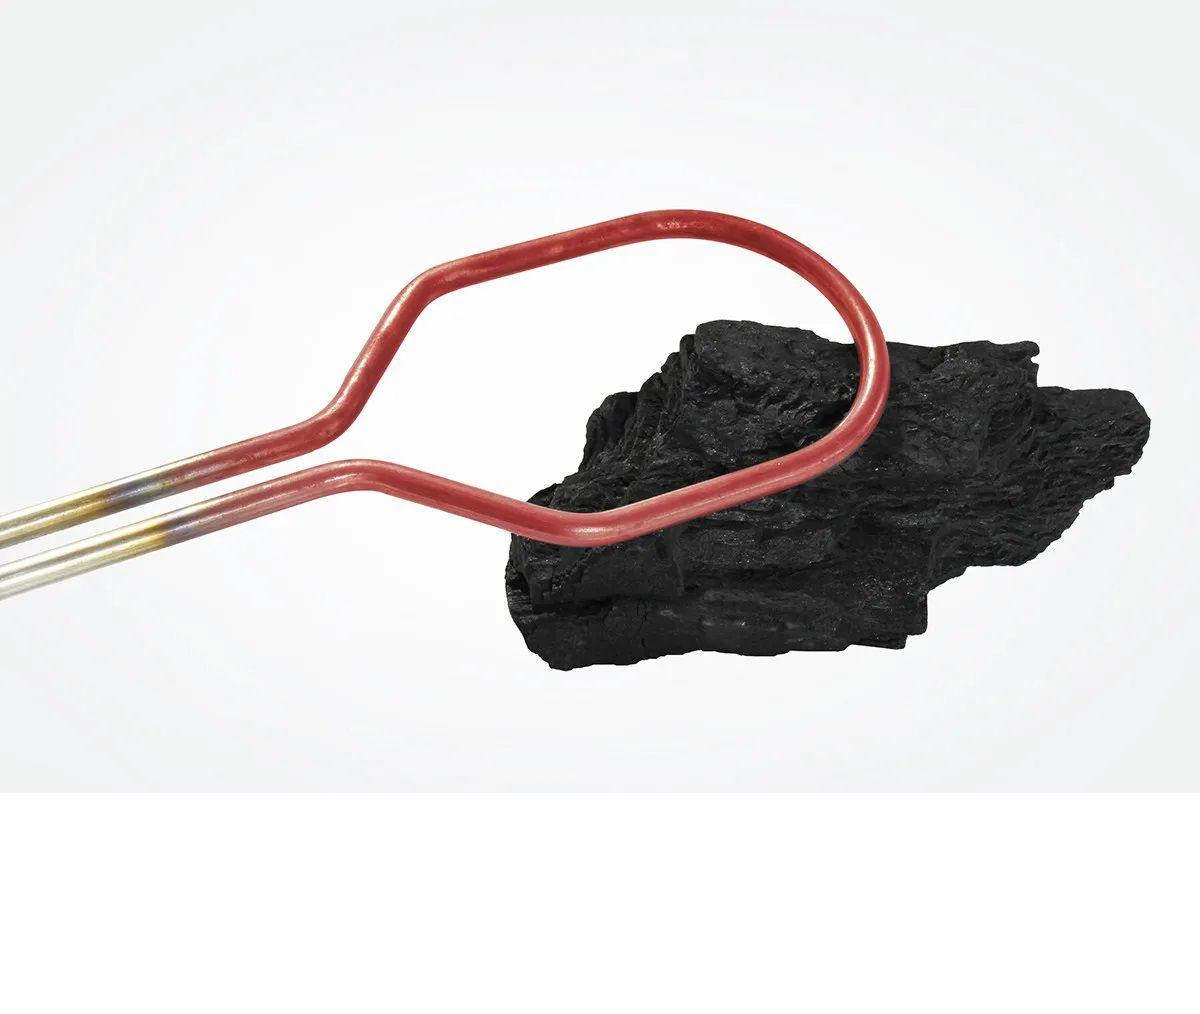 Acendedor Elétrico de Carvão e Lenha Giragrill AC-220